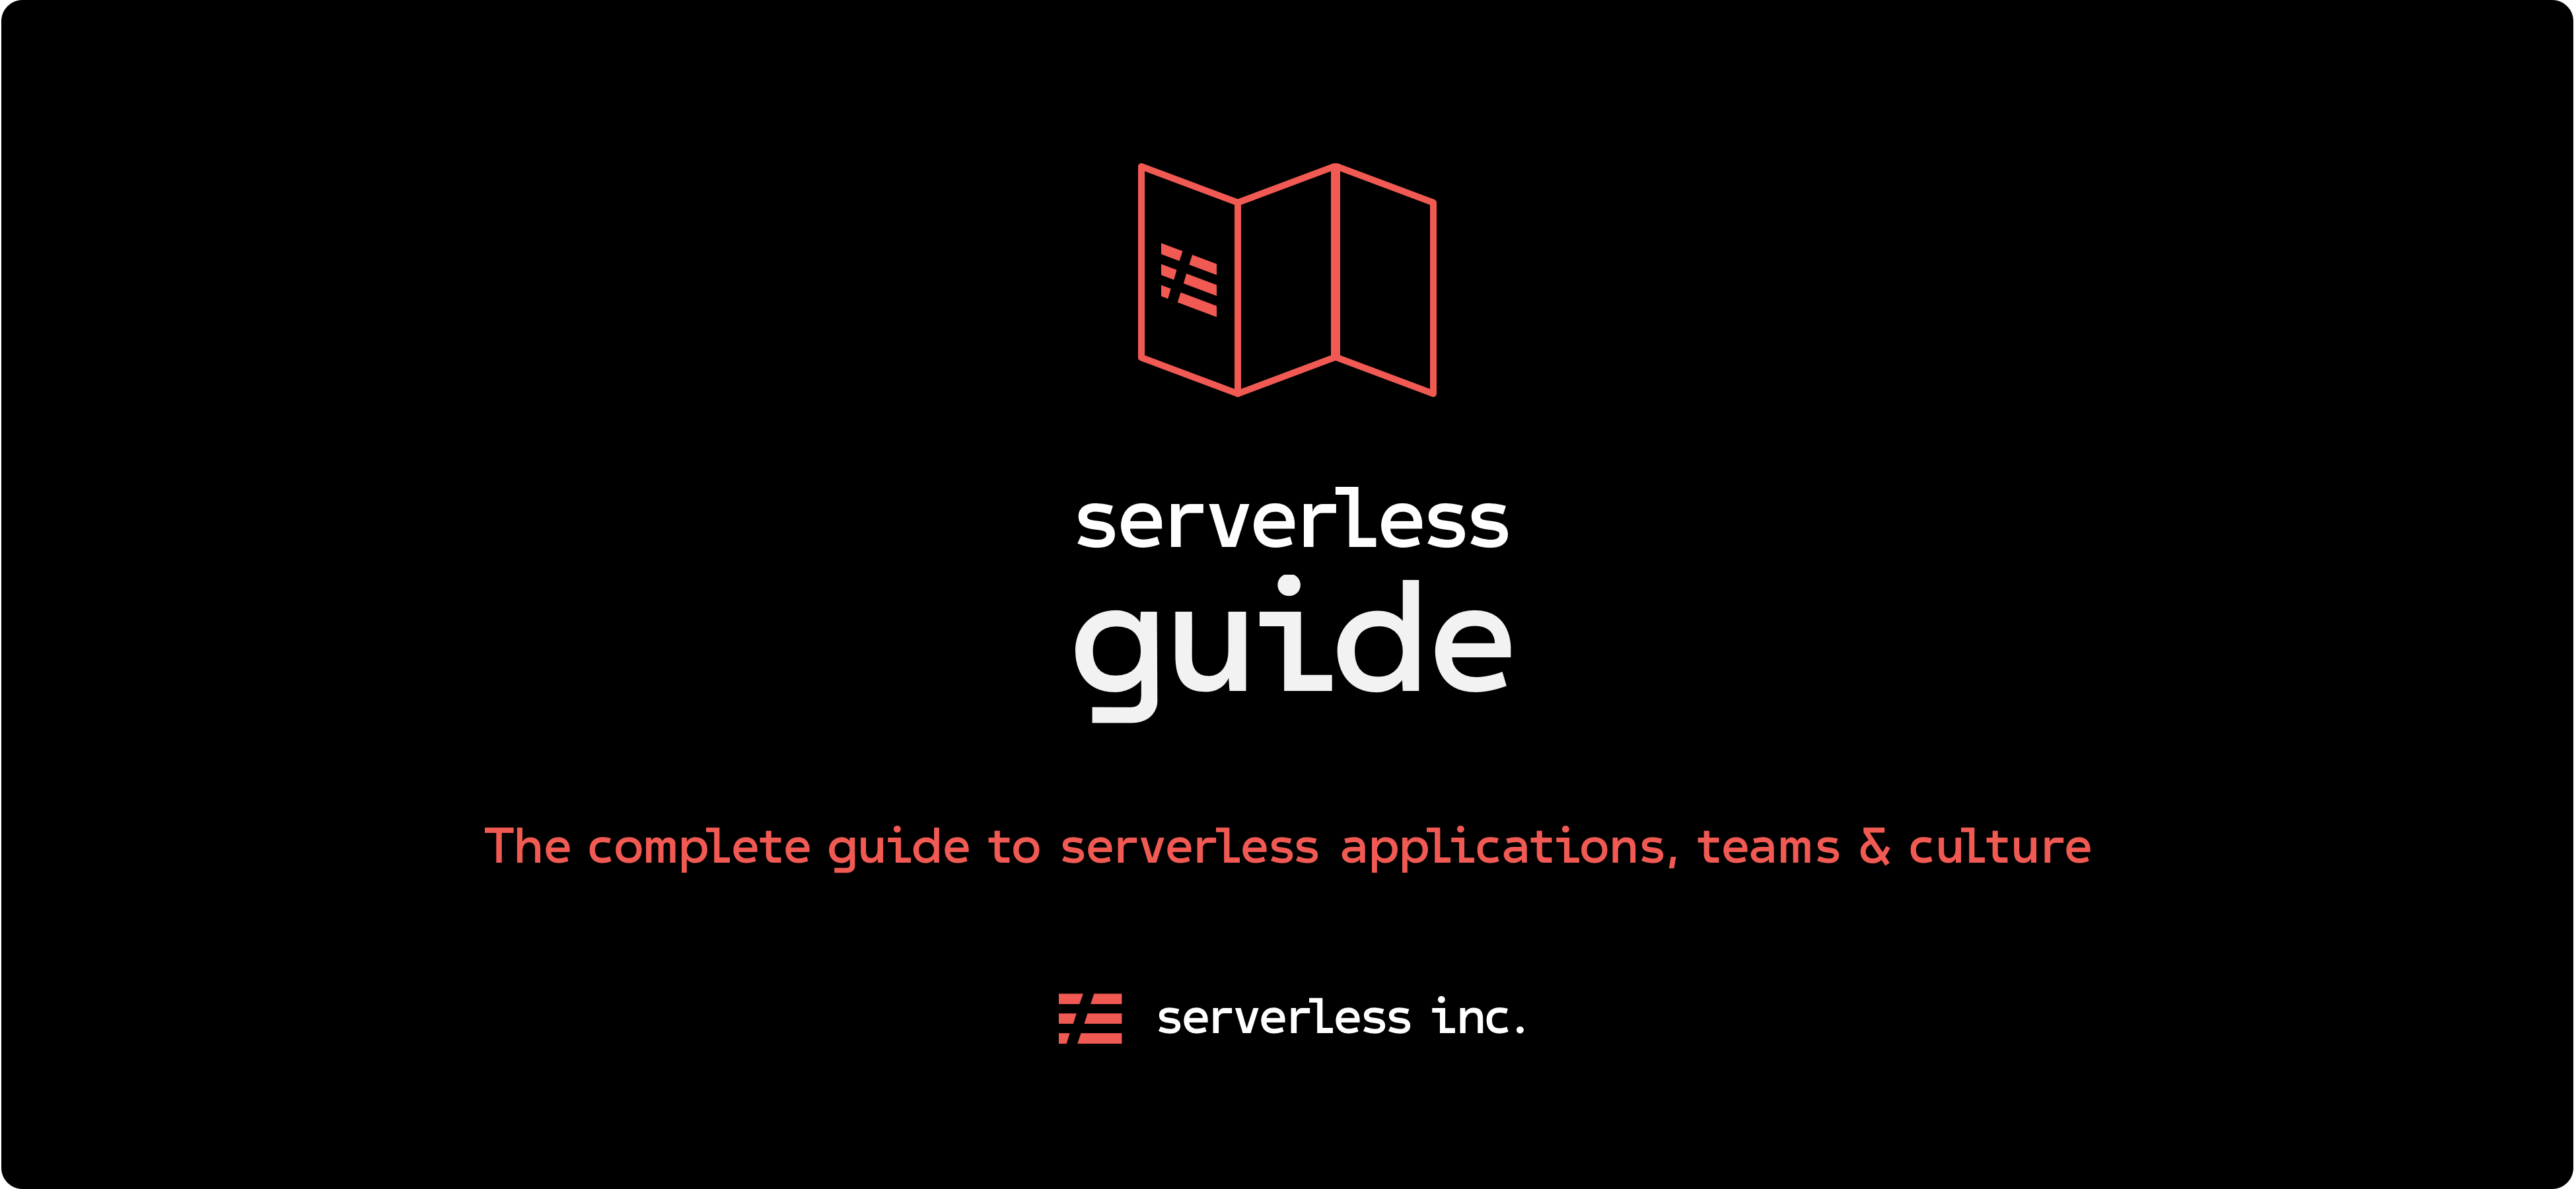 Serverless Guide